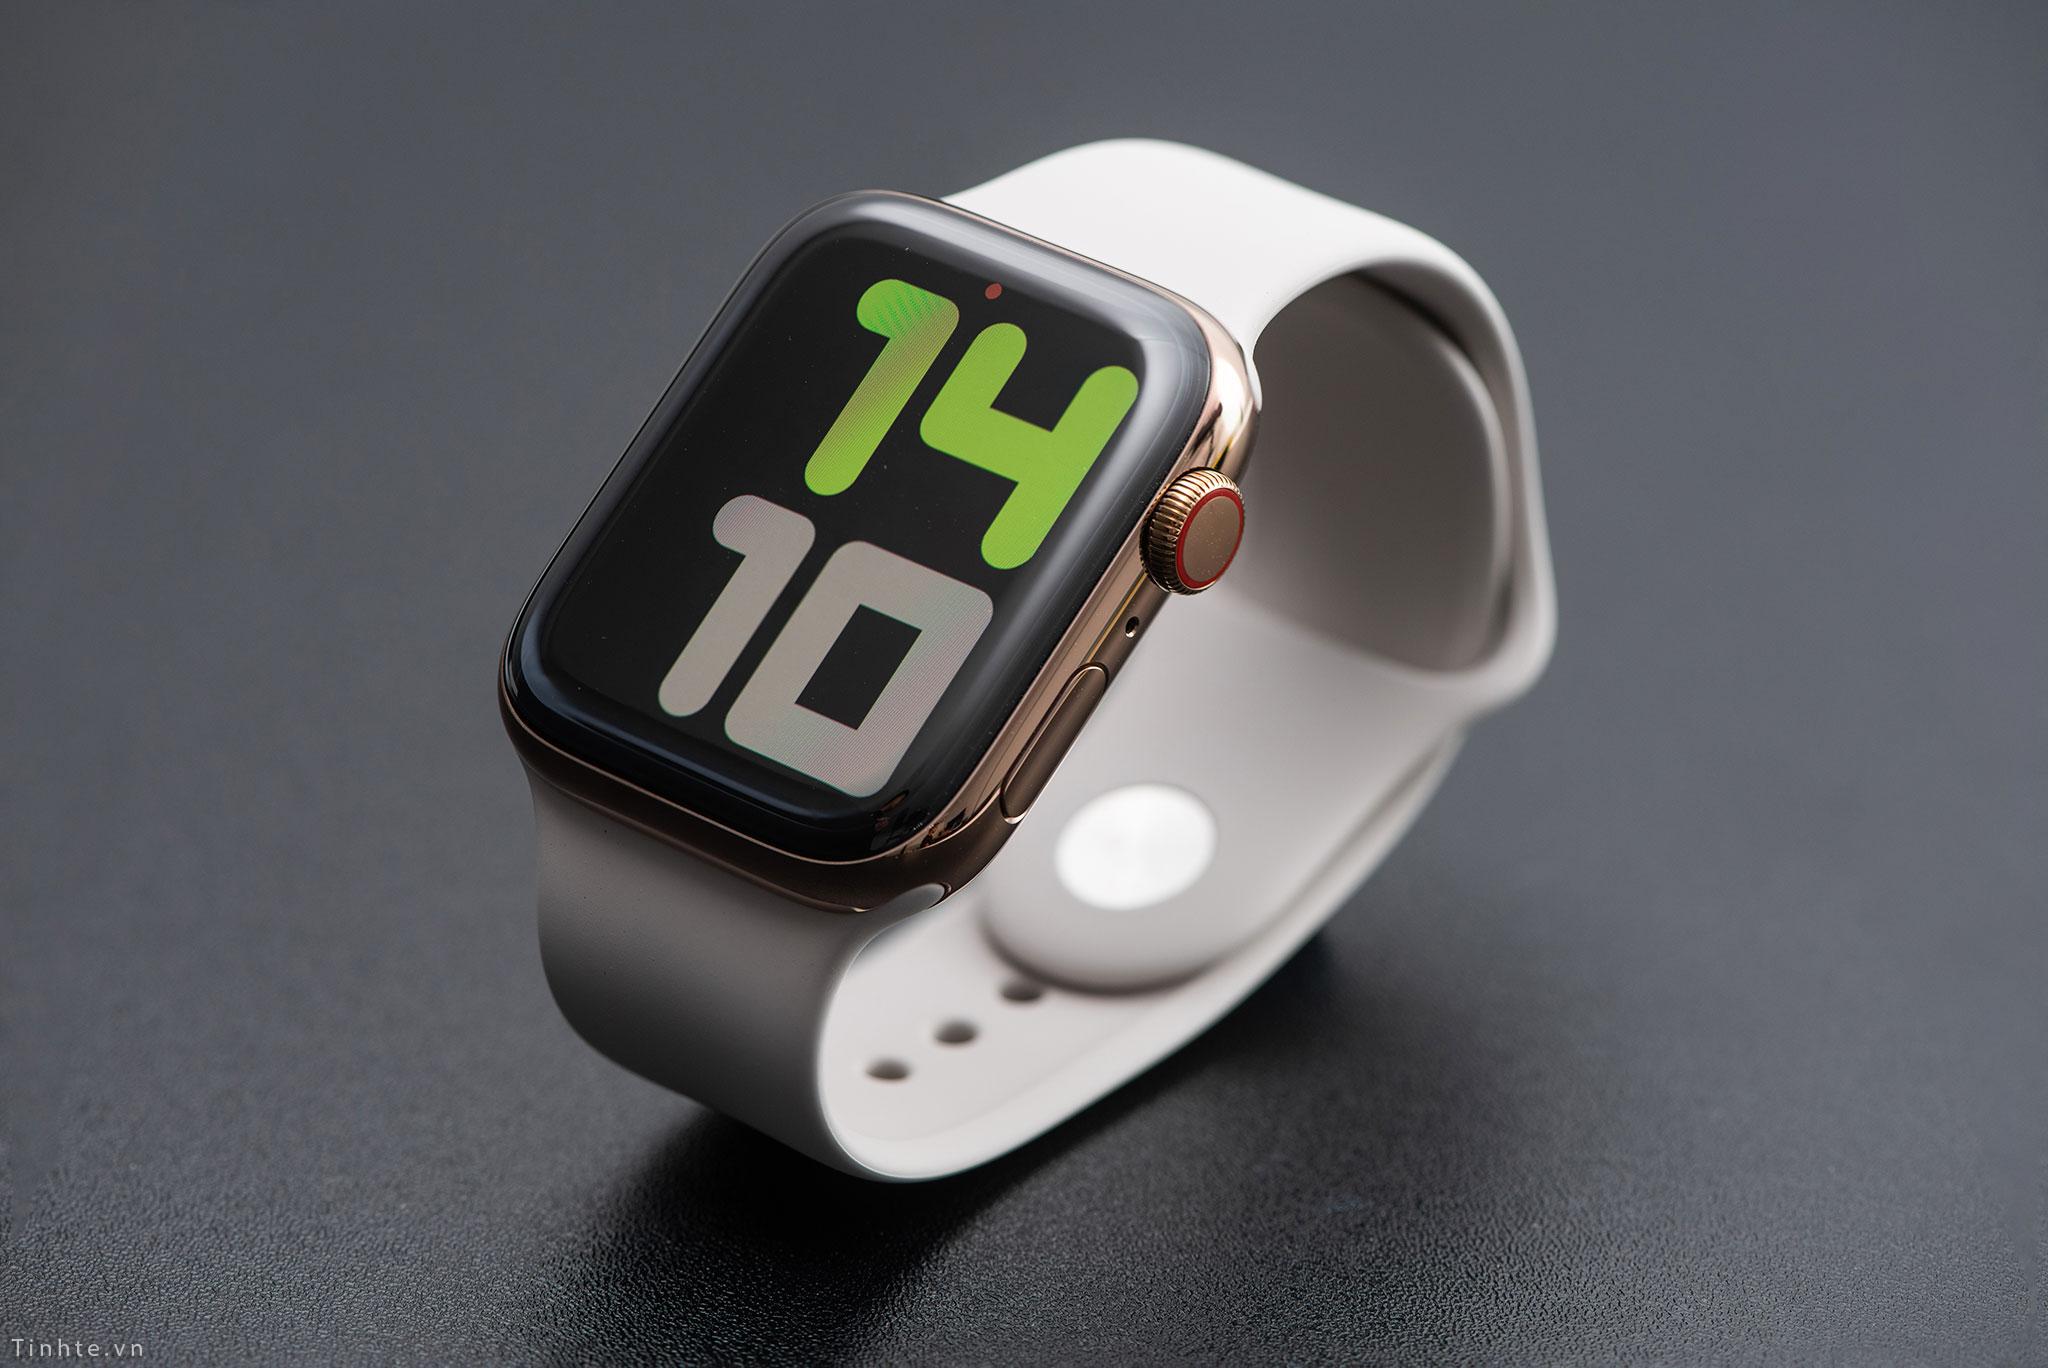 tinhte_apple_watch_series_5_stainless_steel_16.jpg